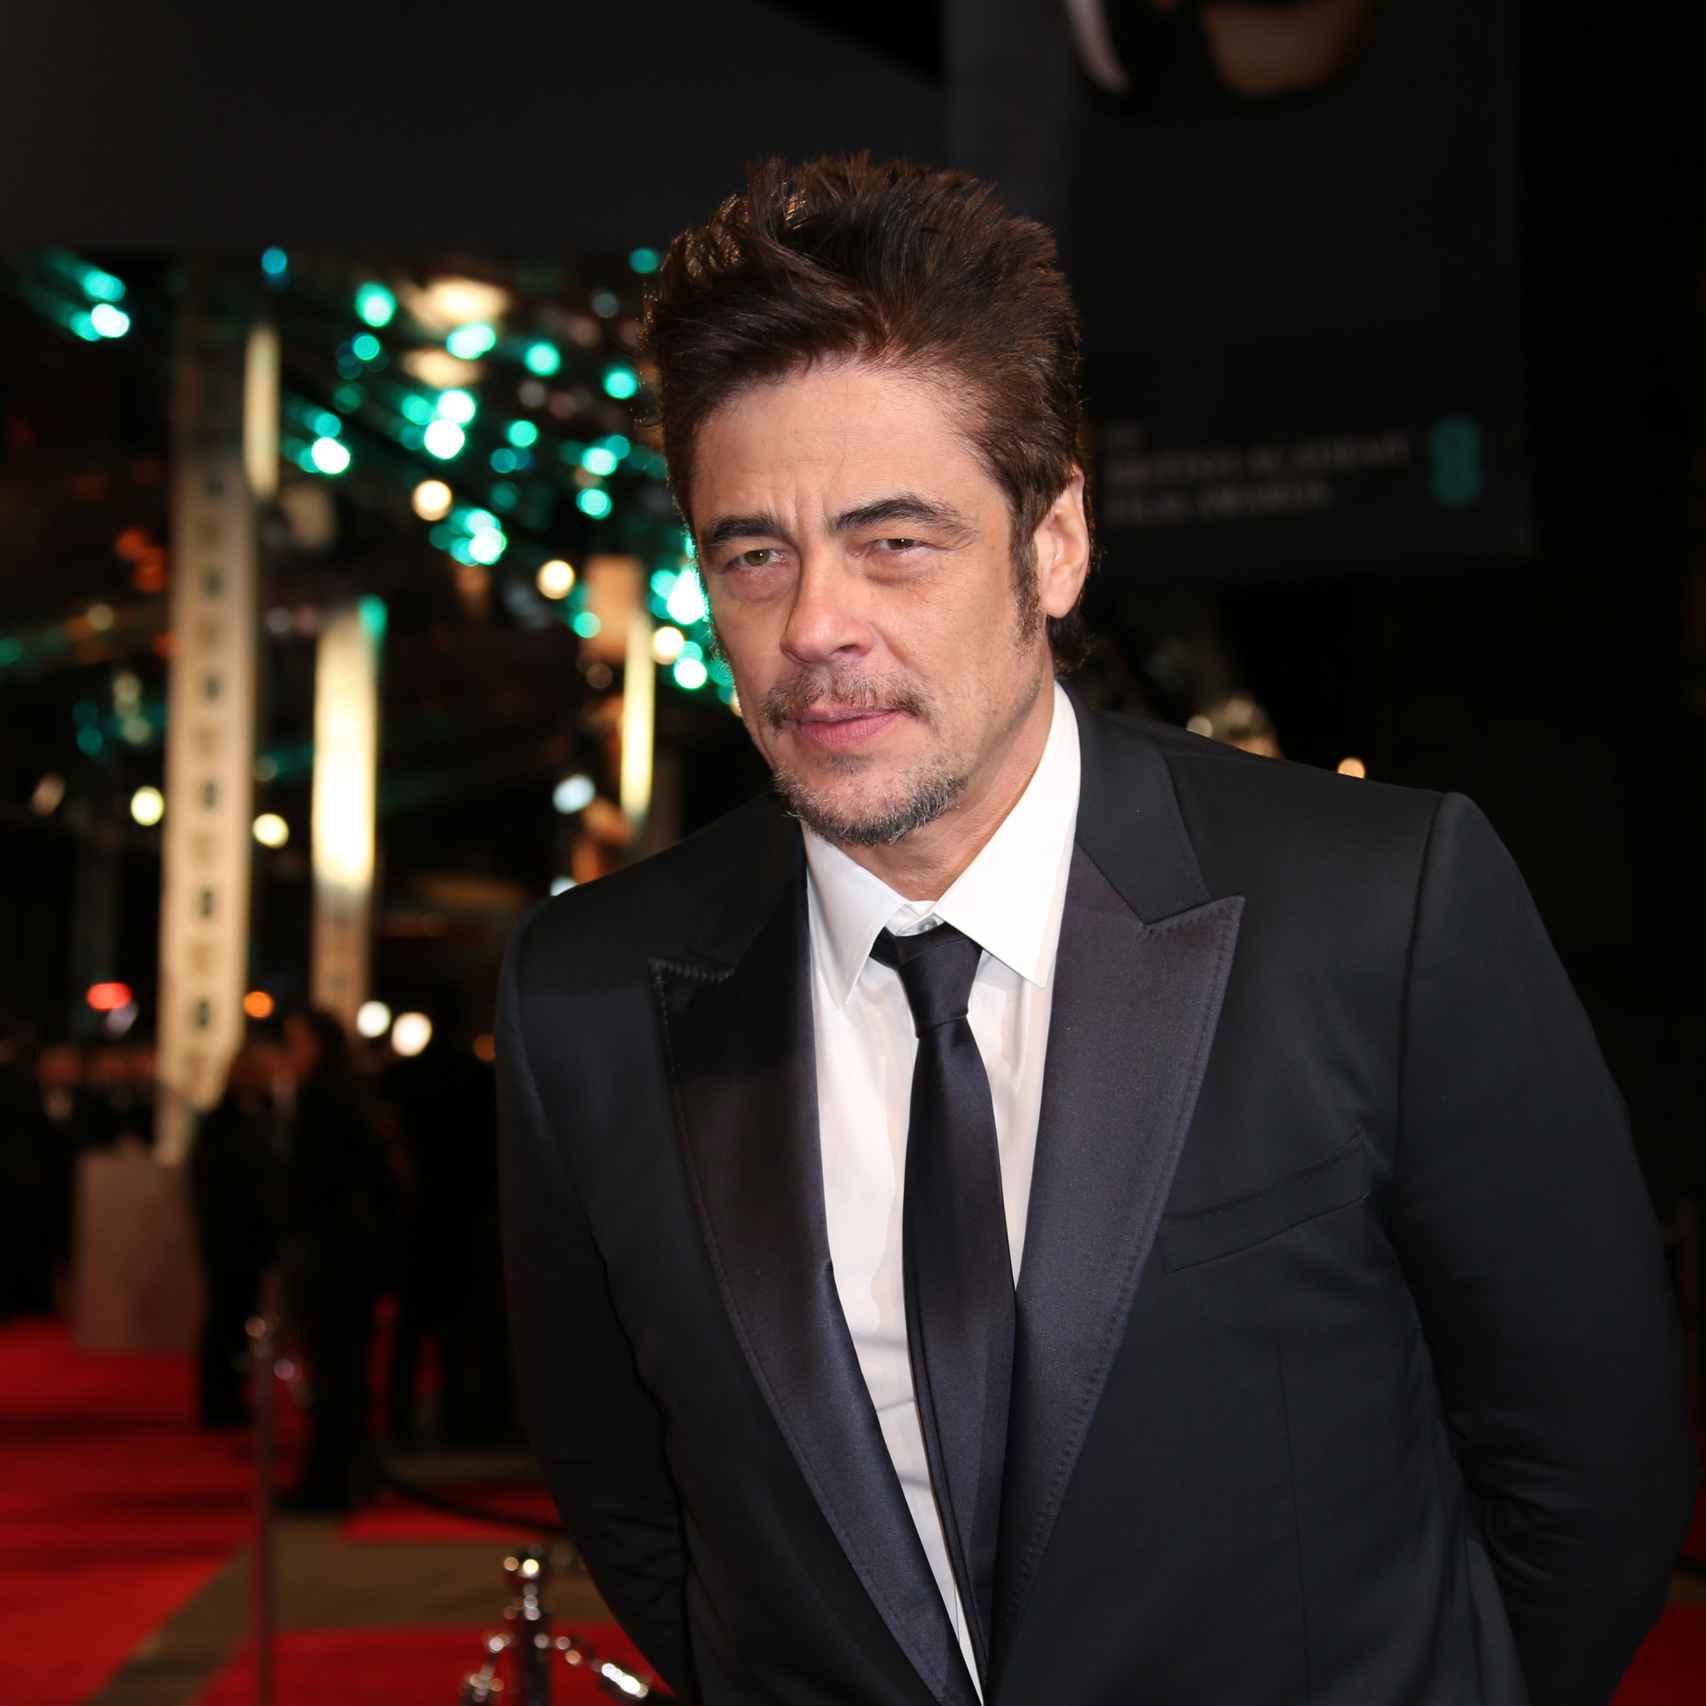 Benicio del Toro en la alfombra roja de los premios Bafta